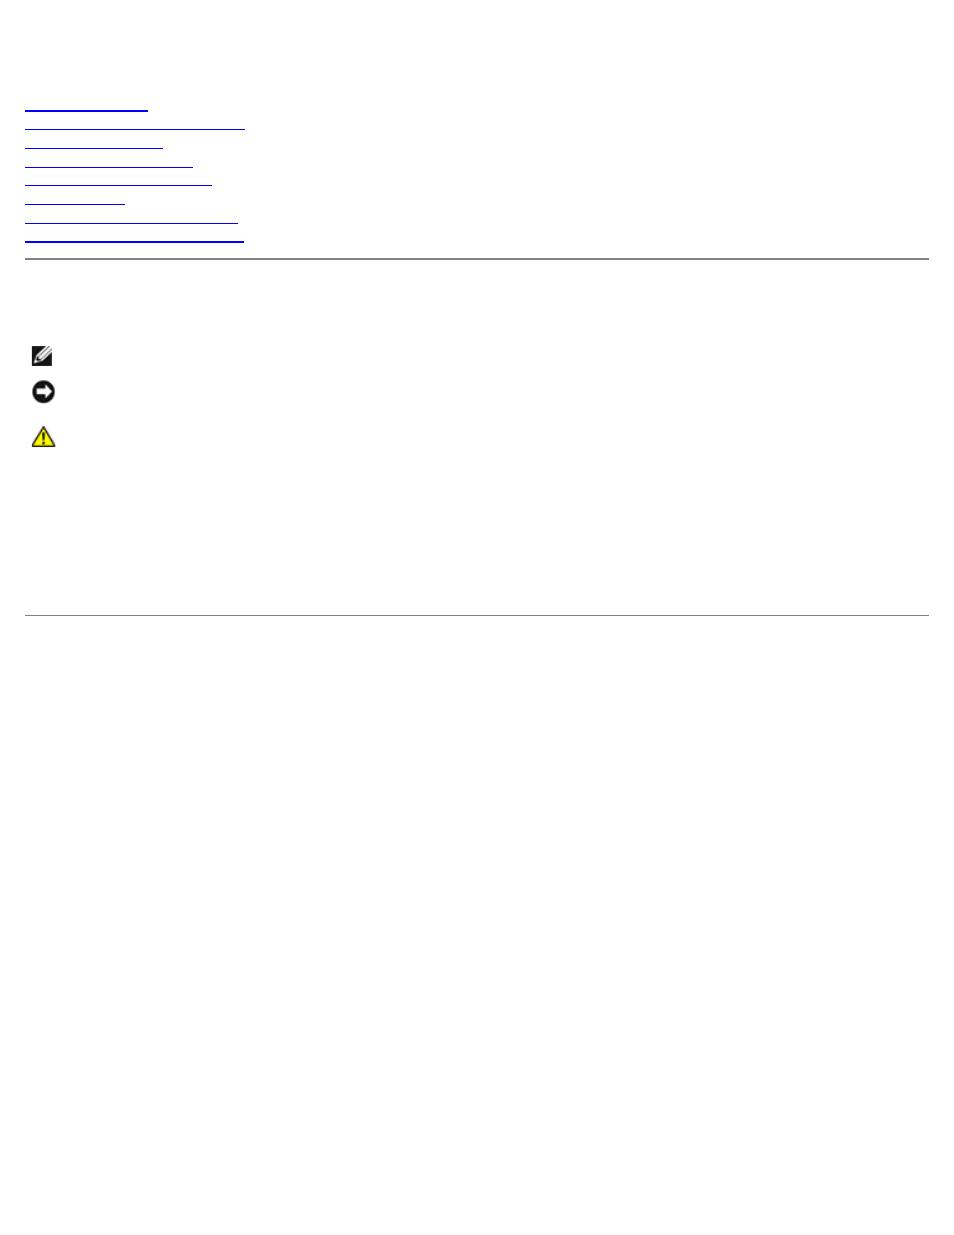 dell dimension 1100 b110 user manual 54 pages rh manualsdir com dell computer service manual Dell PC User Manual